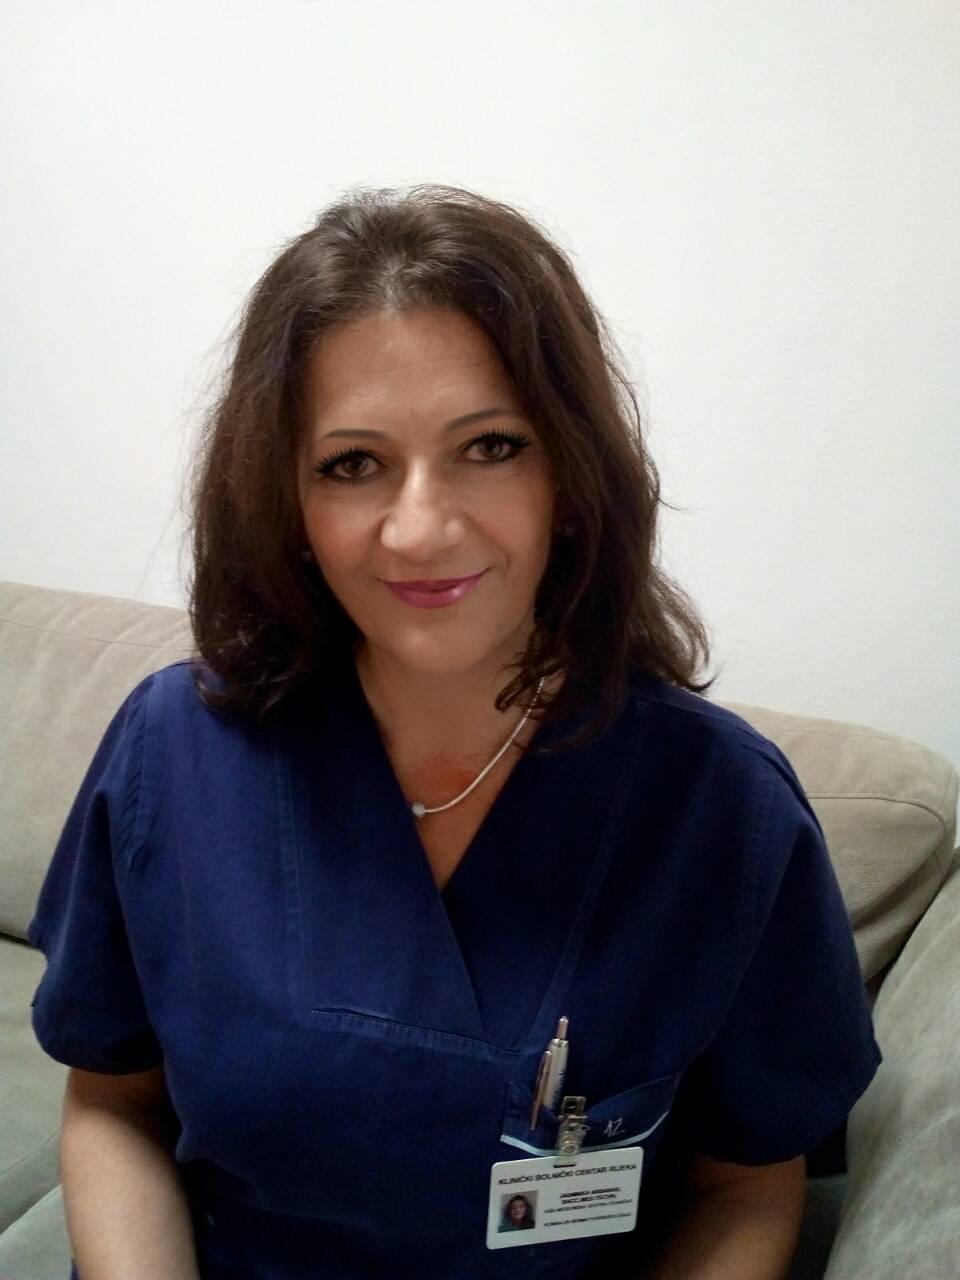 Jasminka Arbanas